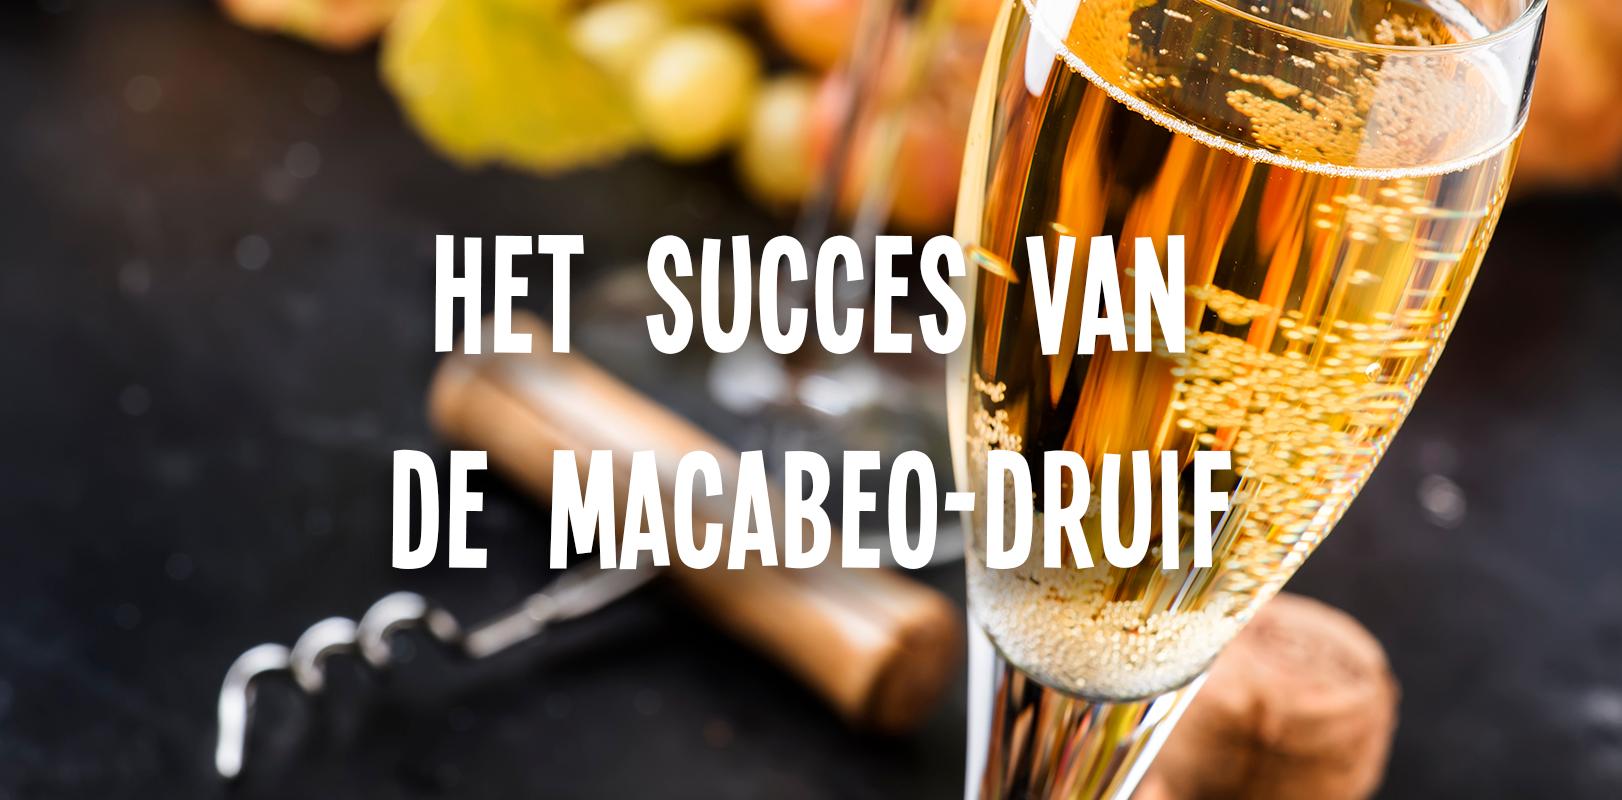 Het succes van Macabeo en Cava